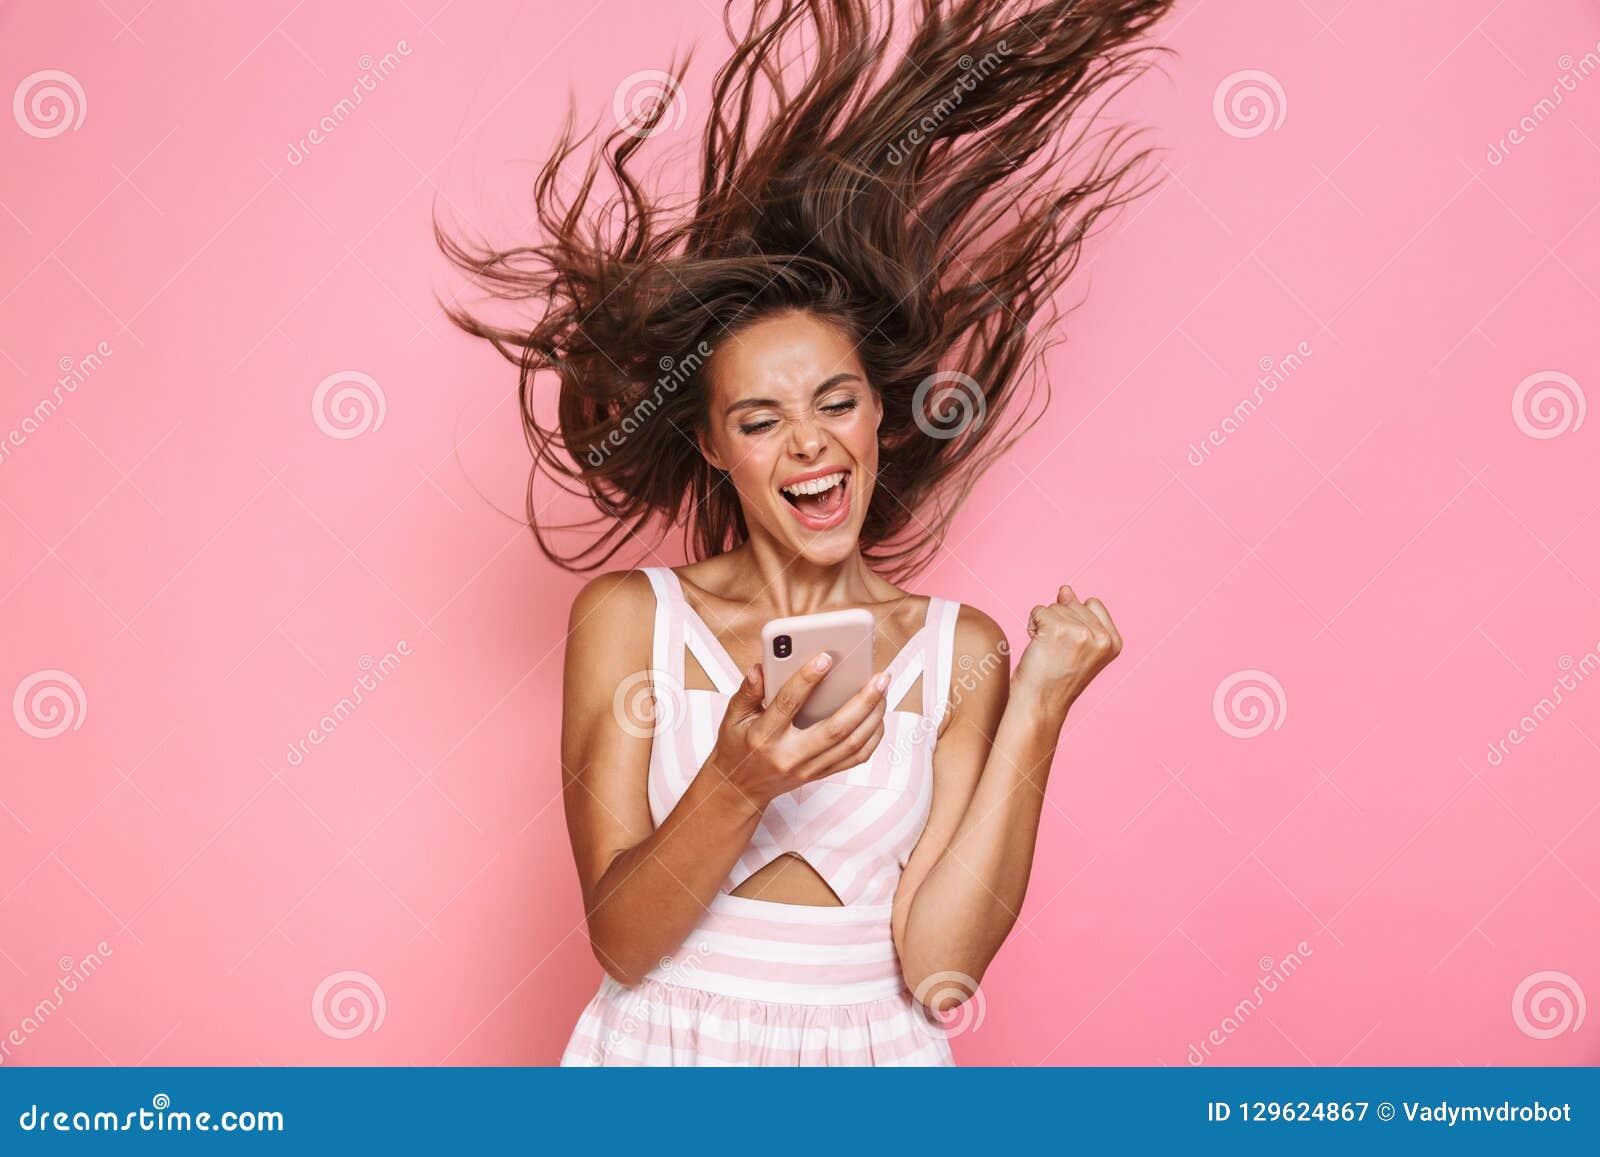 Foto die van mooie vrouwenjaren  20 kleding dragen die en smar glimlachen houden